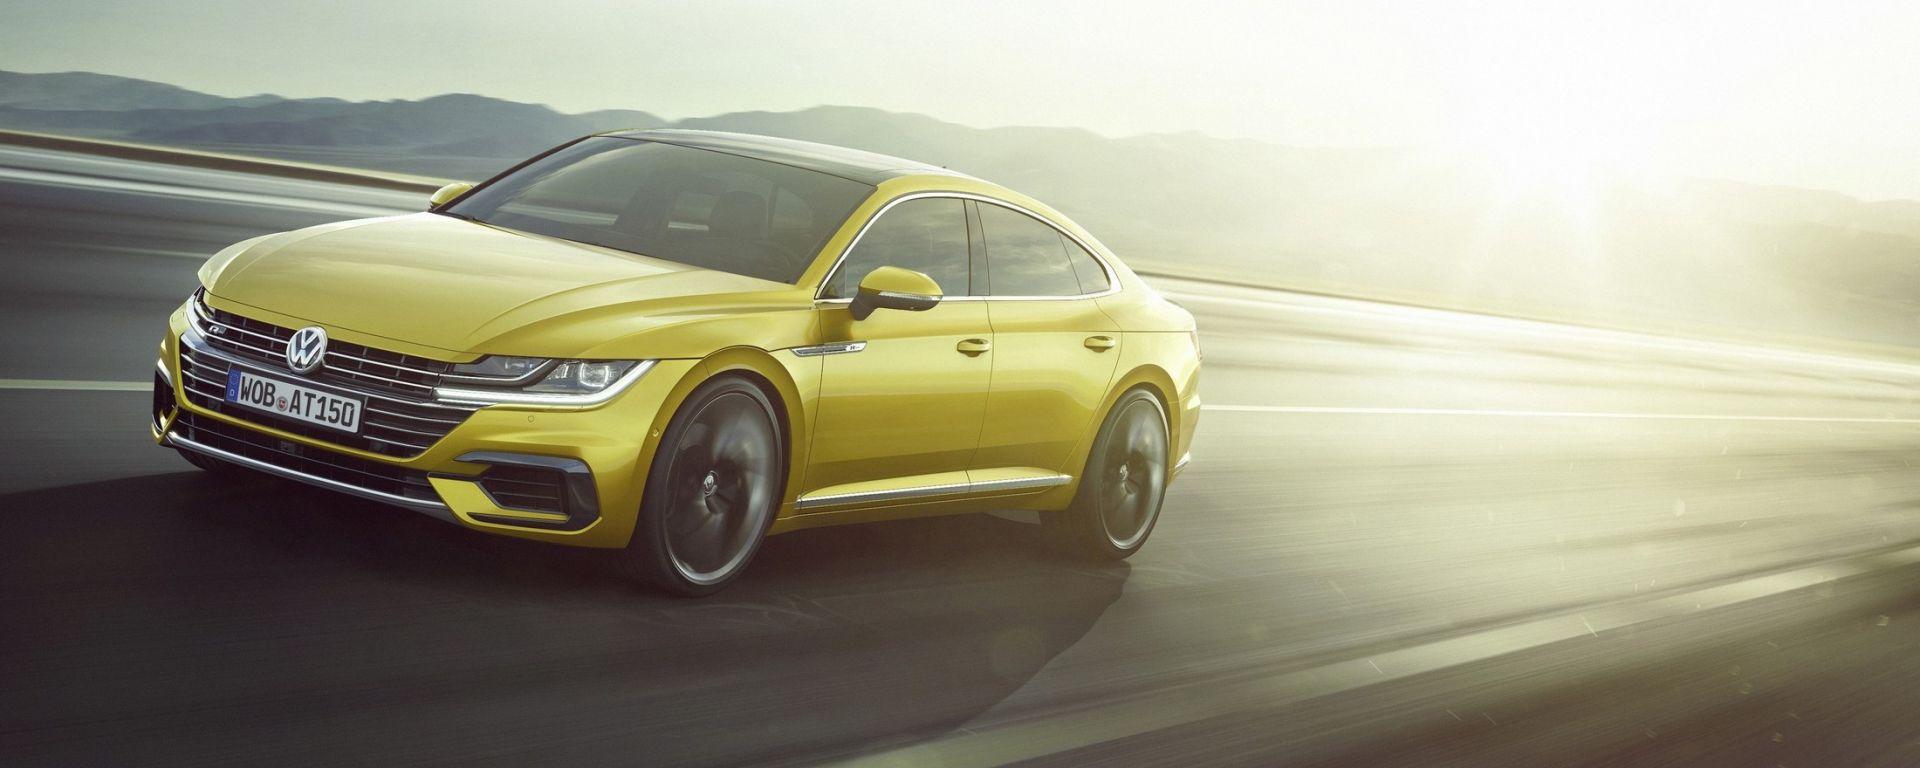 Volkswagen Arteon: la coupé che vuole fare l'ammiraglia